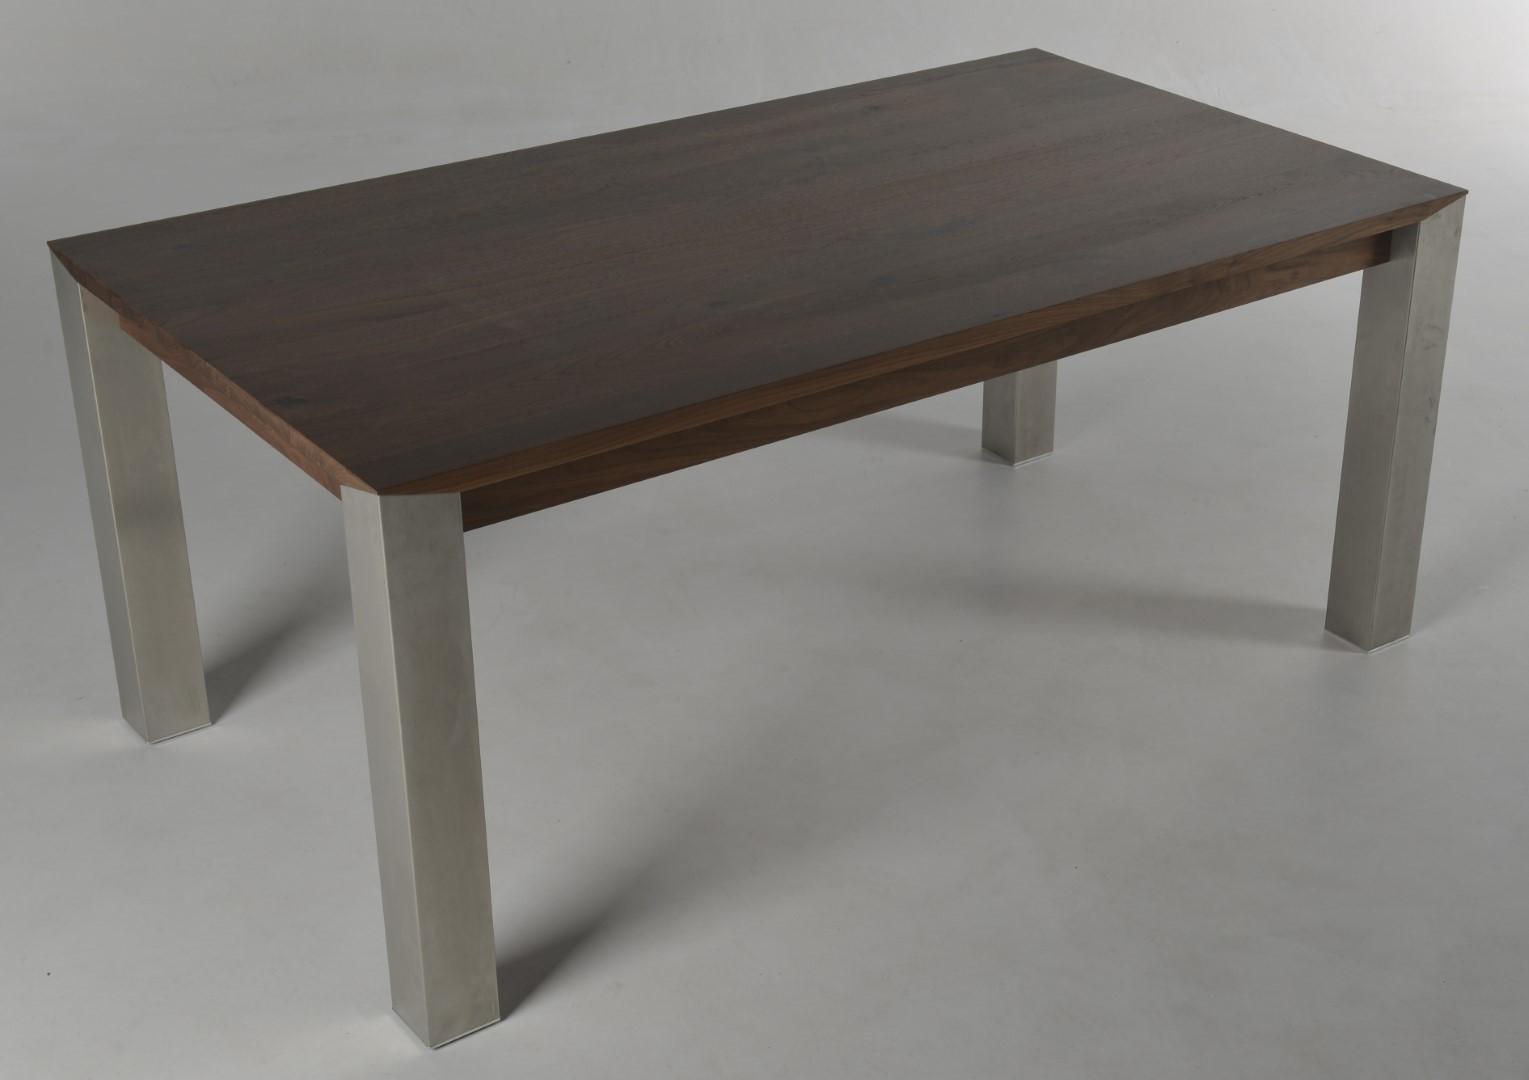 nick uitschuiftafel bert plantagie outlet. Black Bedroom Furniture Sets. Home Design Ideas